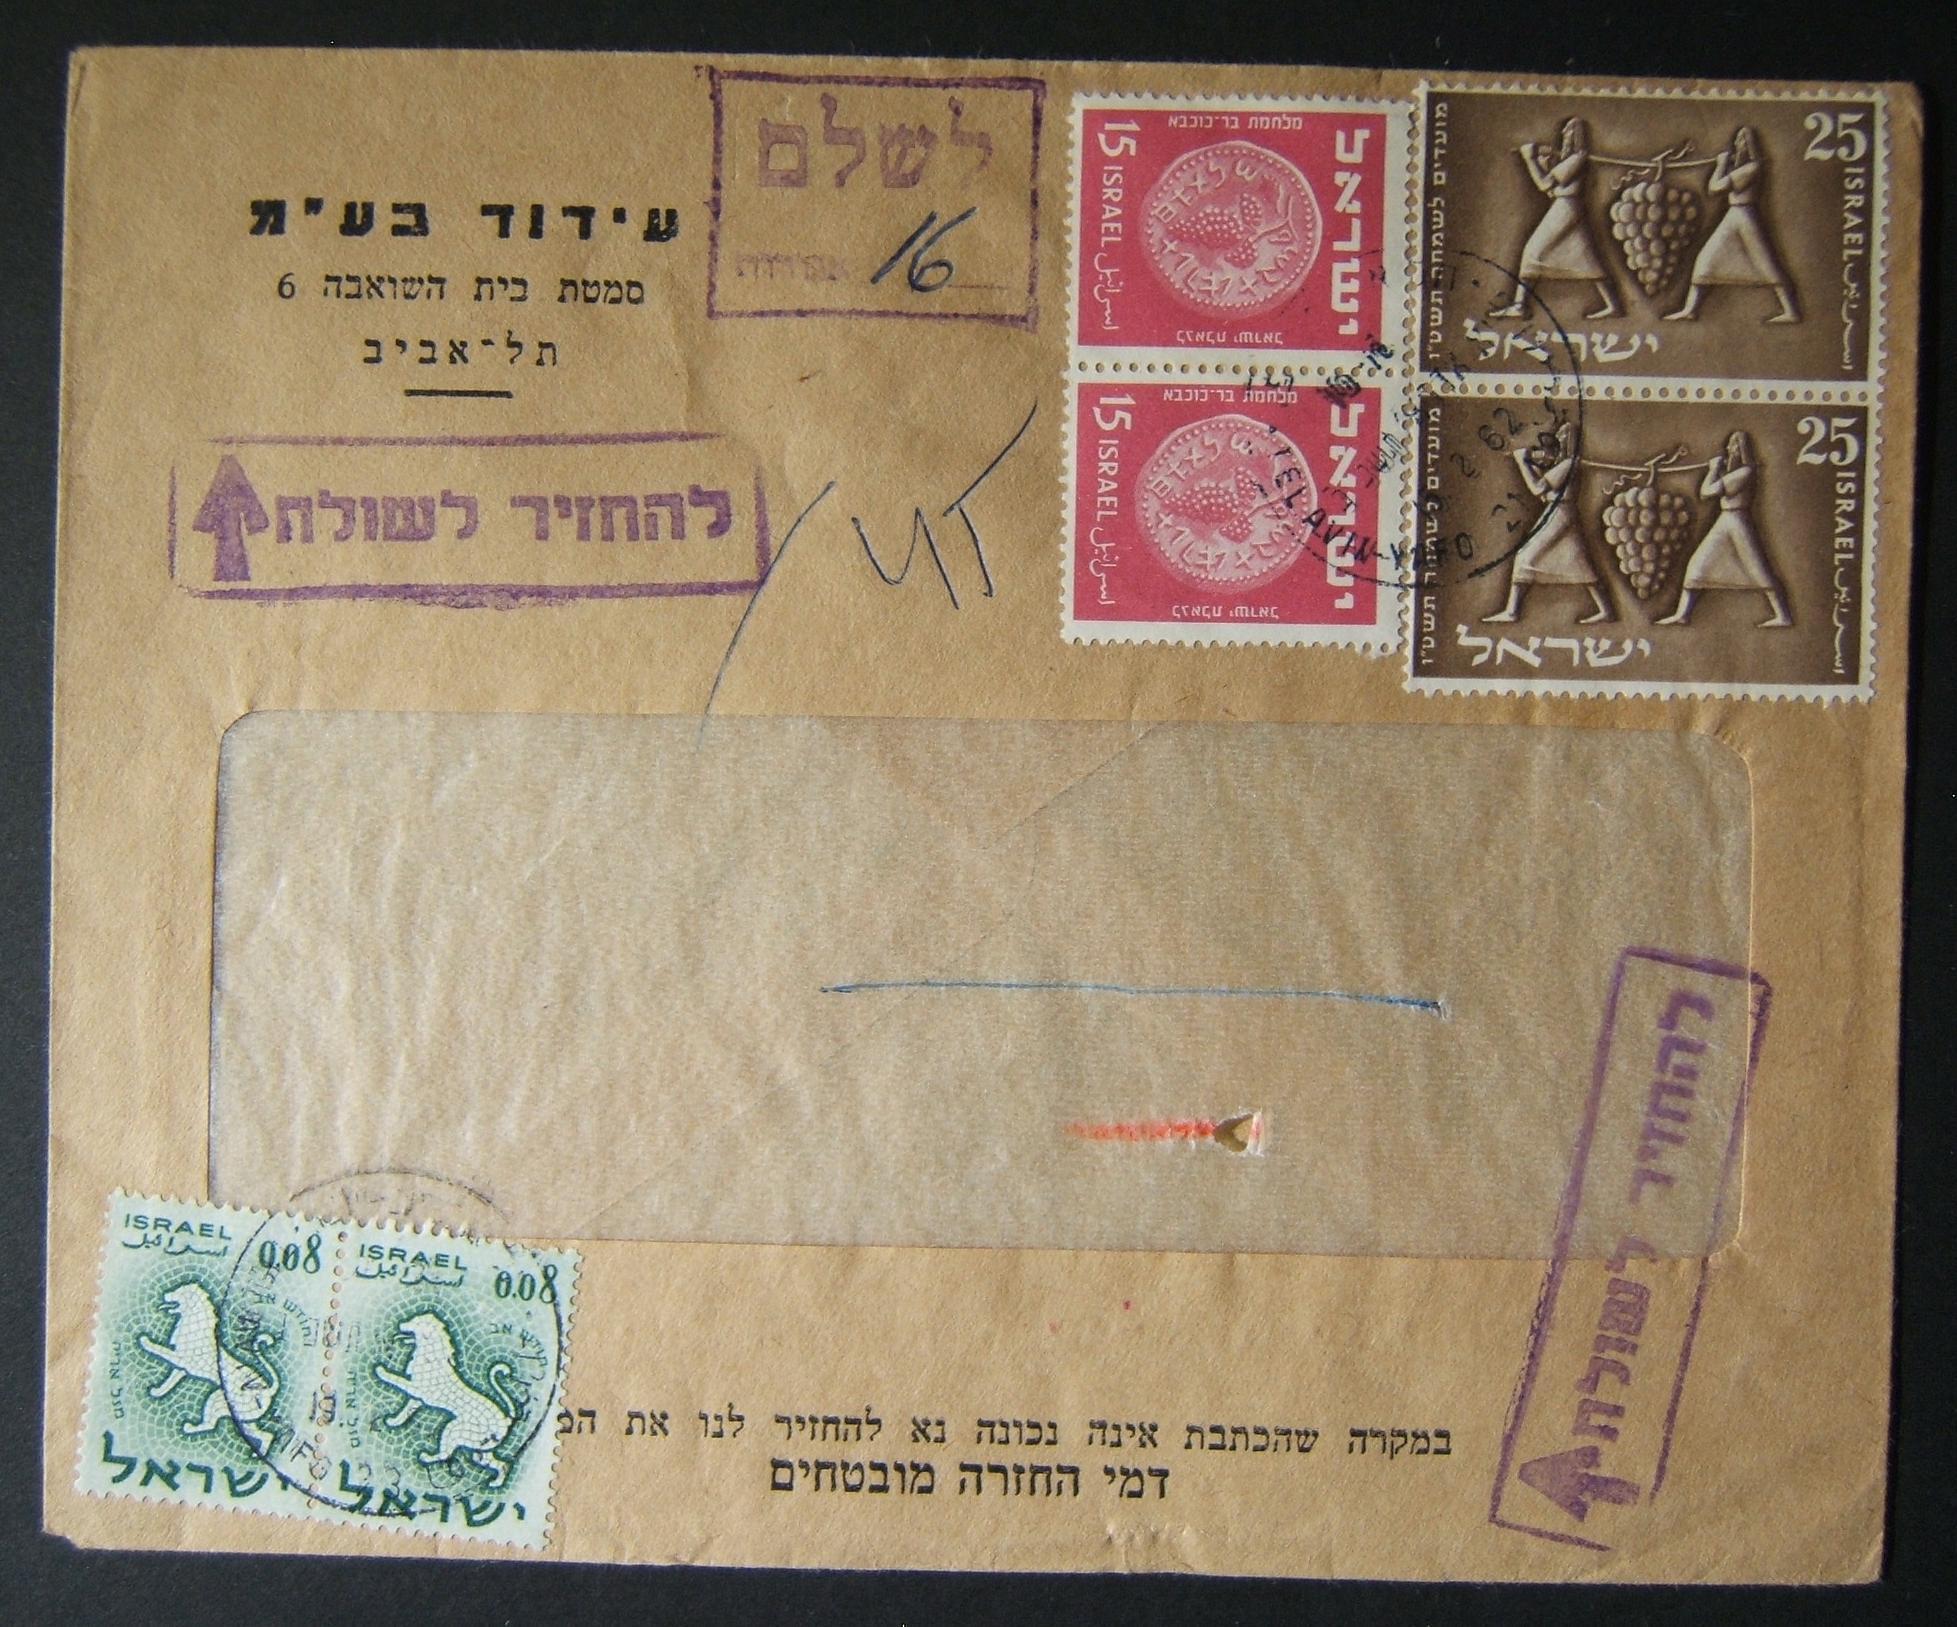 1962 عادت العملة المختلطة المنشورة مع Pruta franking & taxed in Agorot